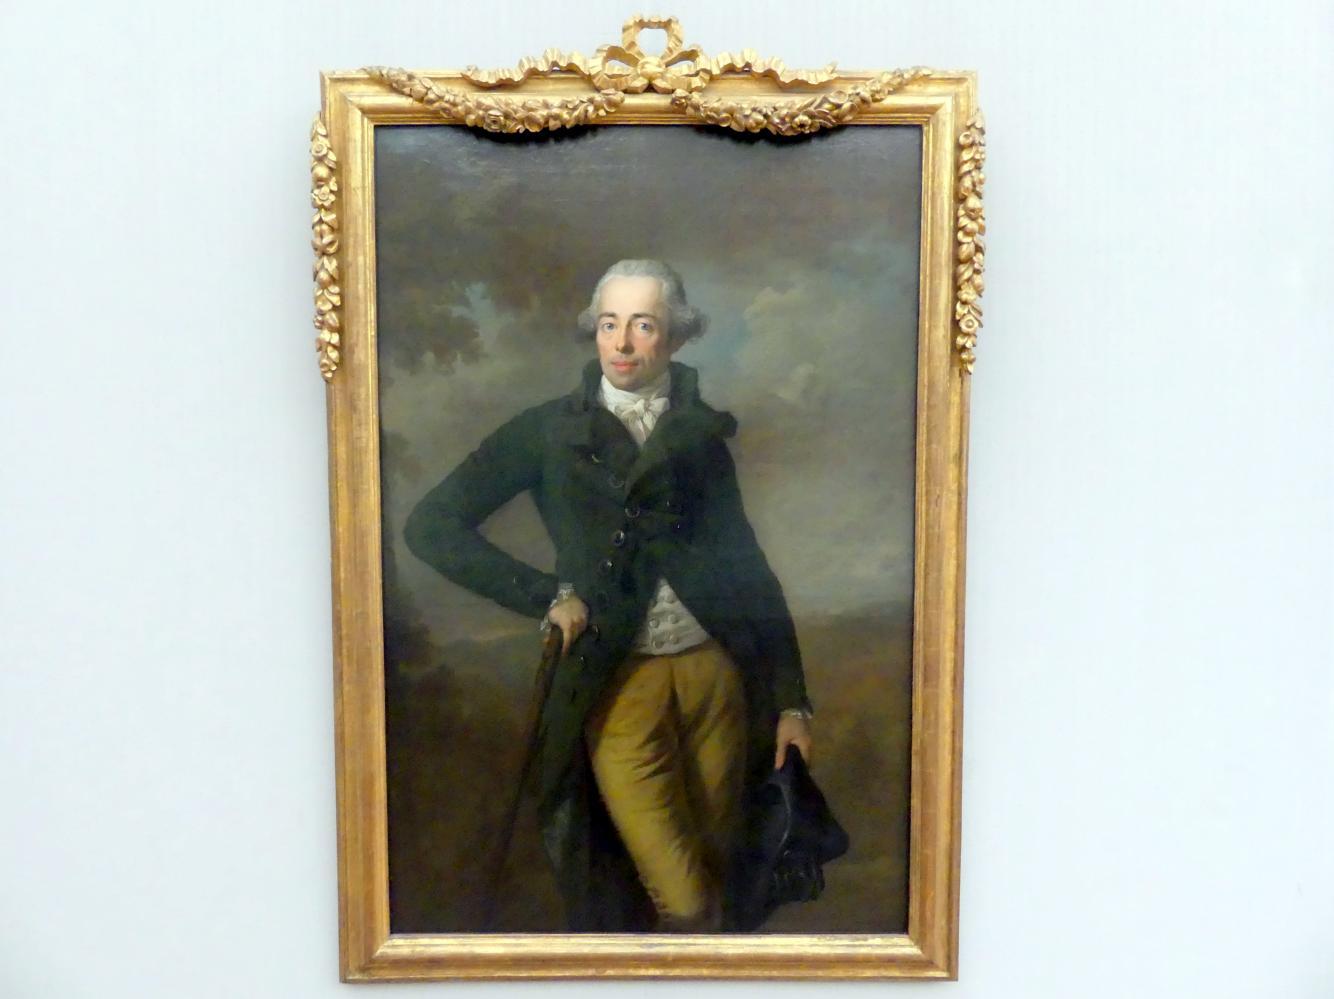 Anton Graff: Prinz Heinrich XIV. (1749-1799) Reuss zu Greiz ältere Linie, 1789